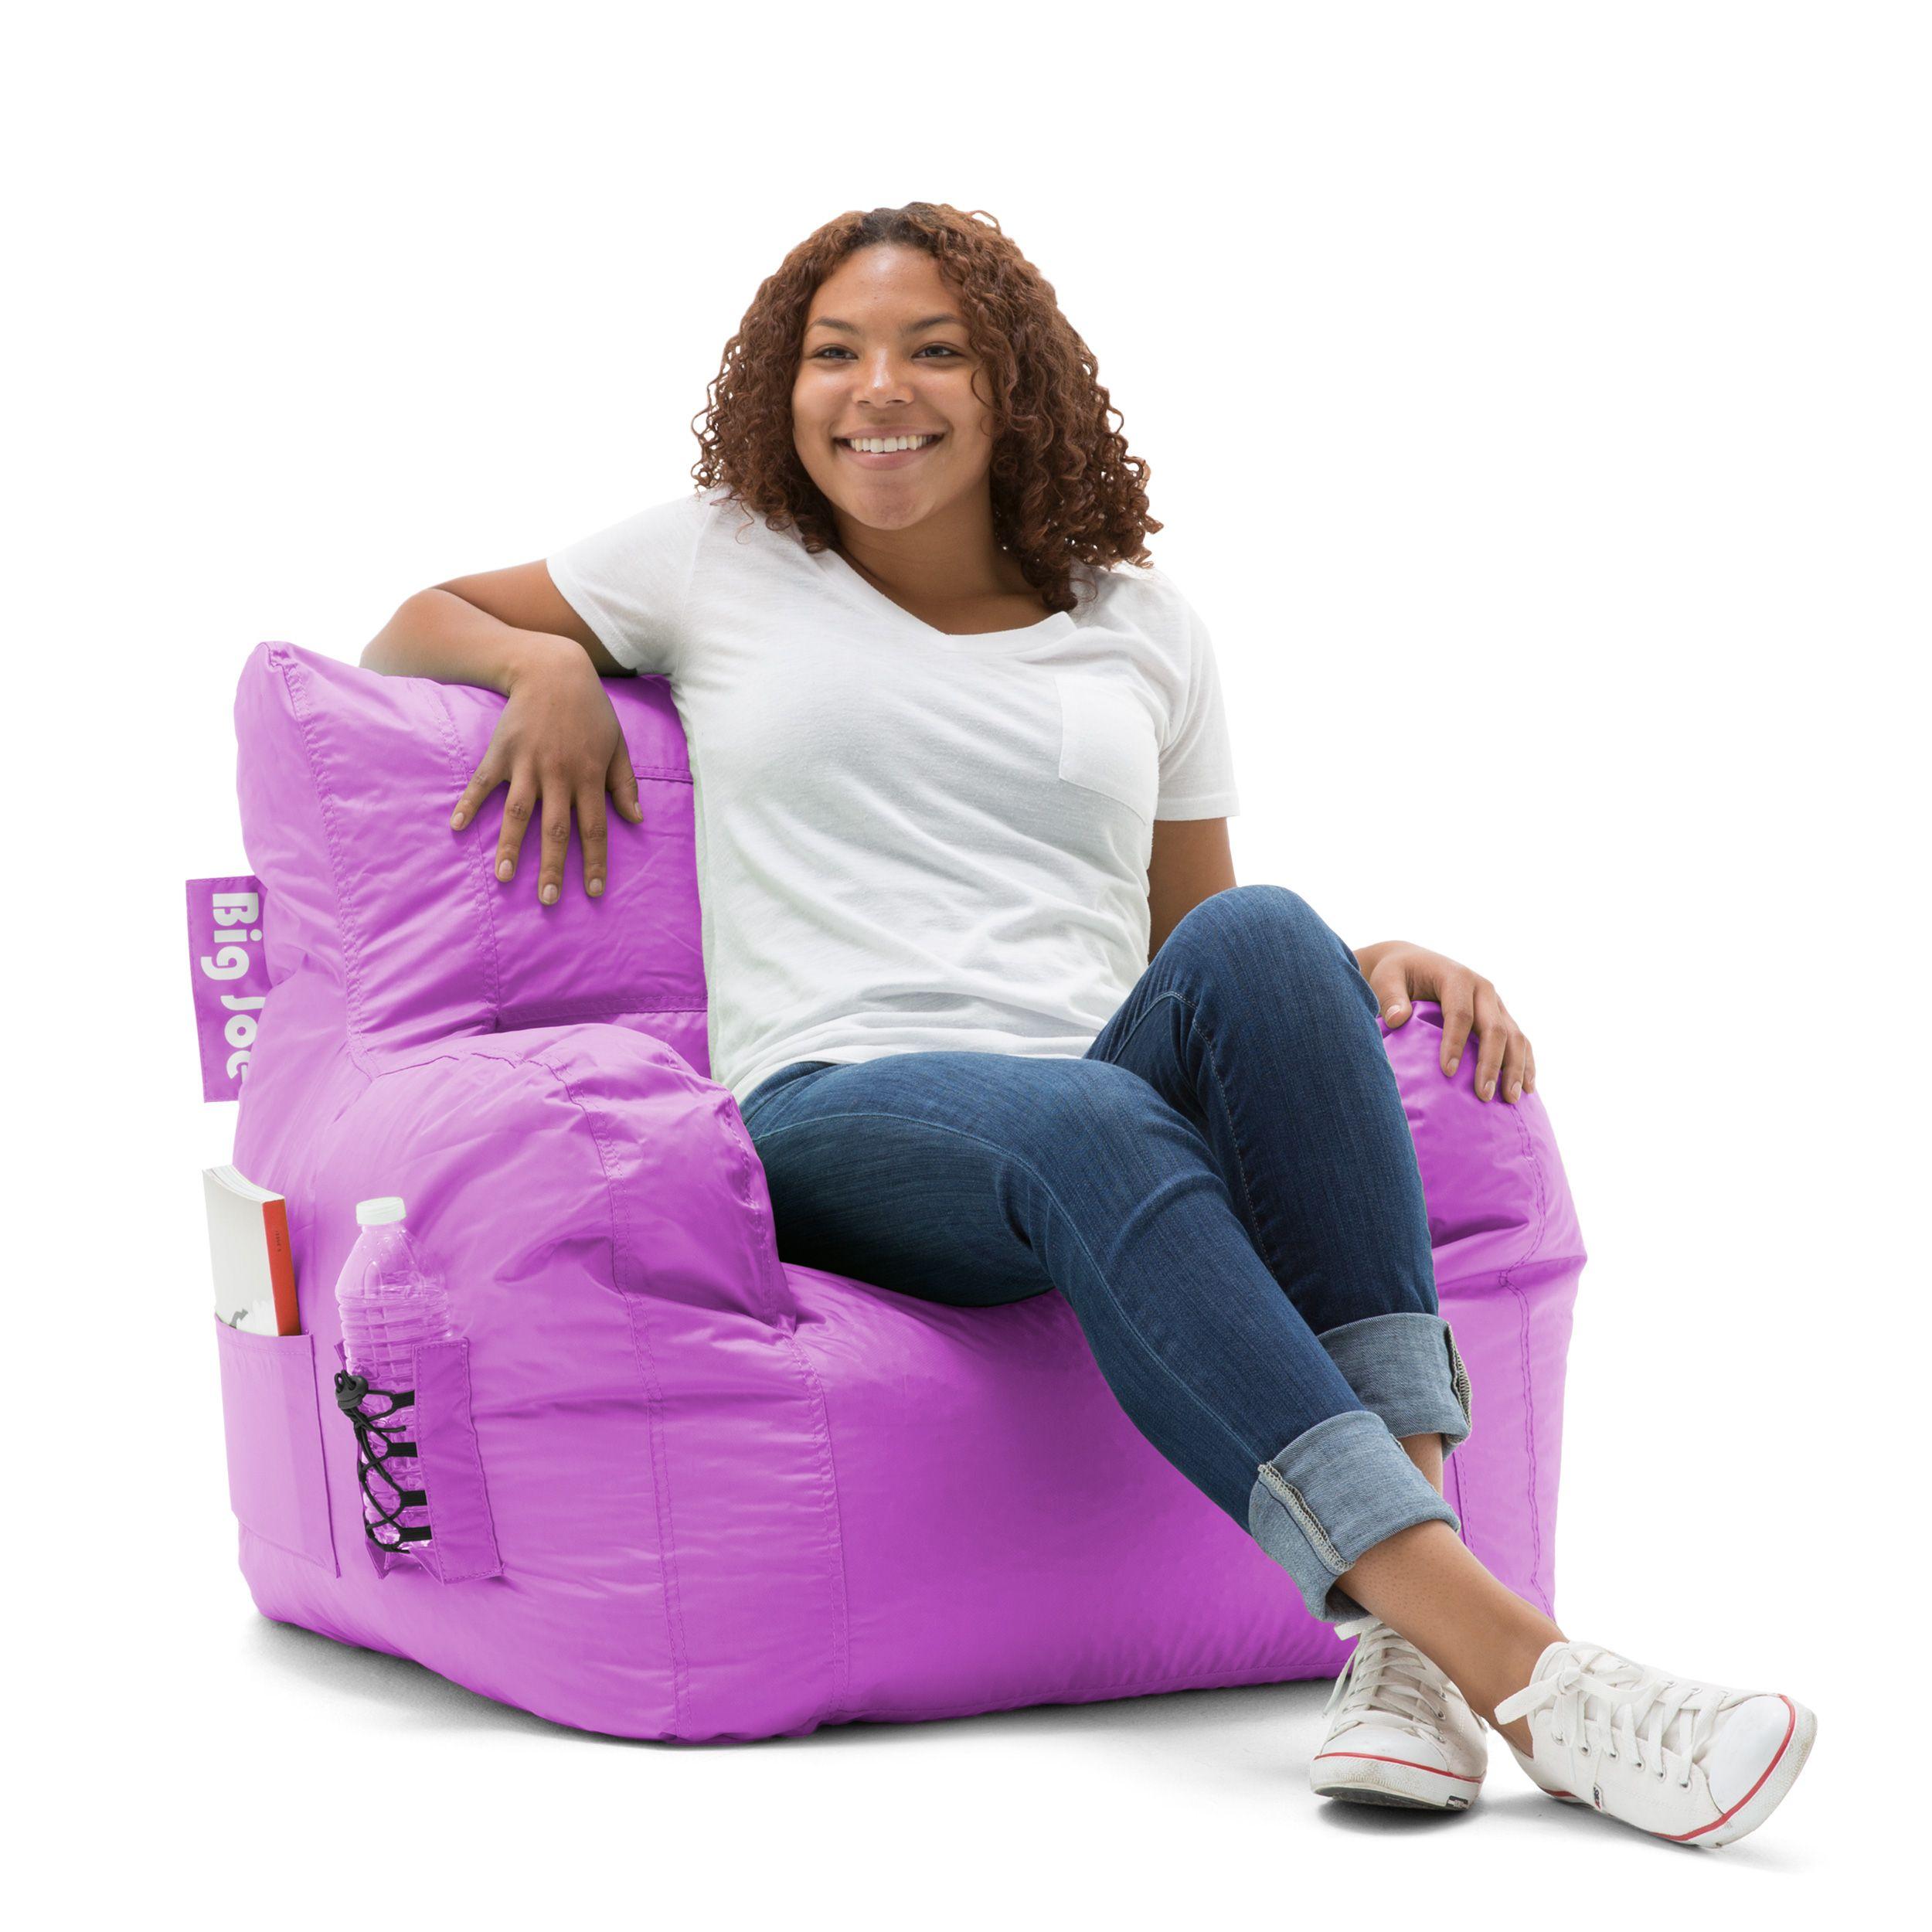 Home Bean bag chair, Big bean bag chairs, Football bean bag